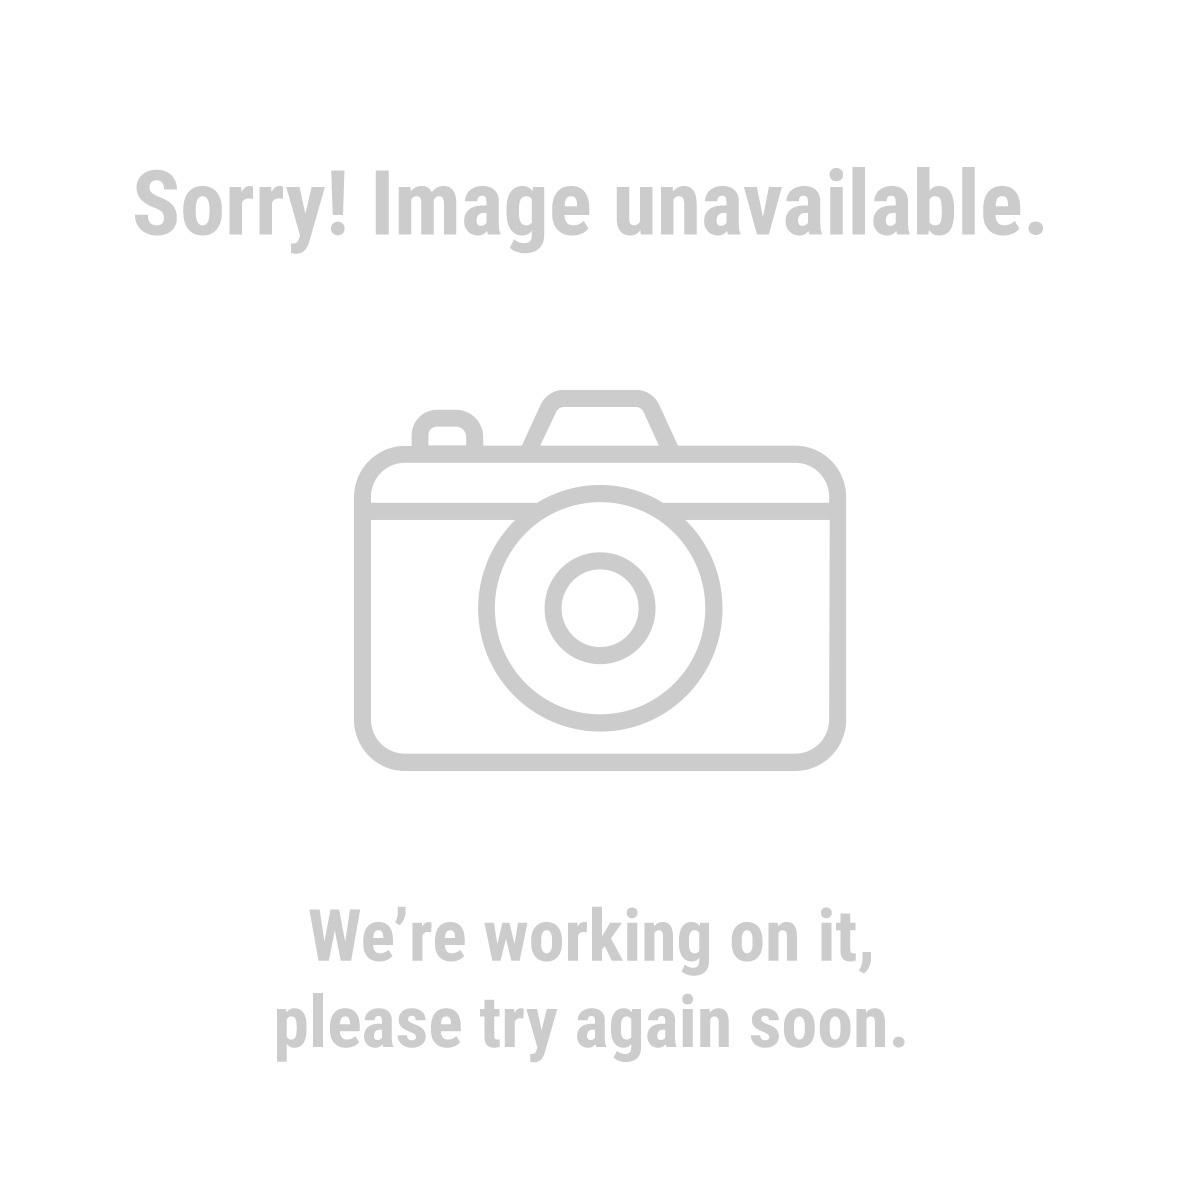 Haul-Master® 63097 18 In. x 12 In. 1000 lb. Capacity Hardwood Dolly